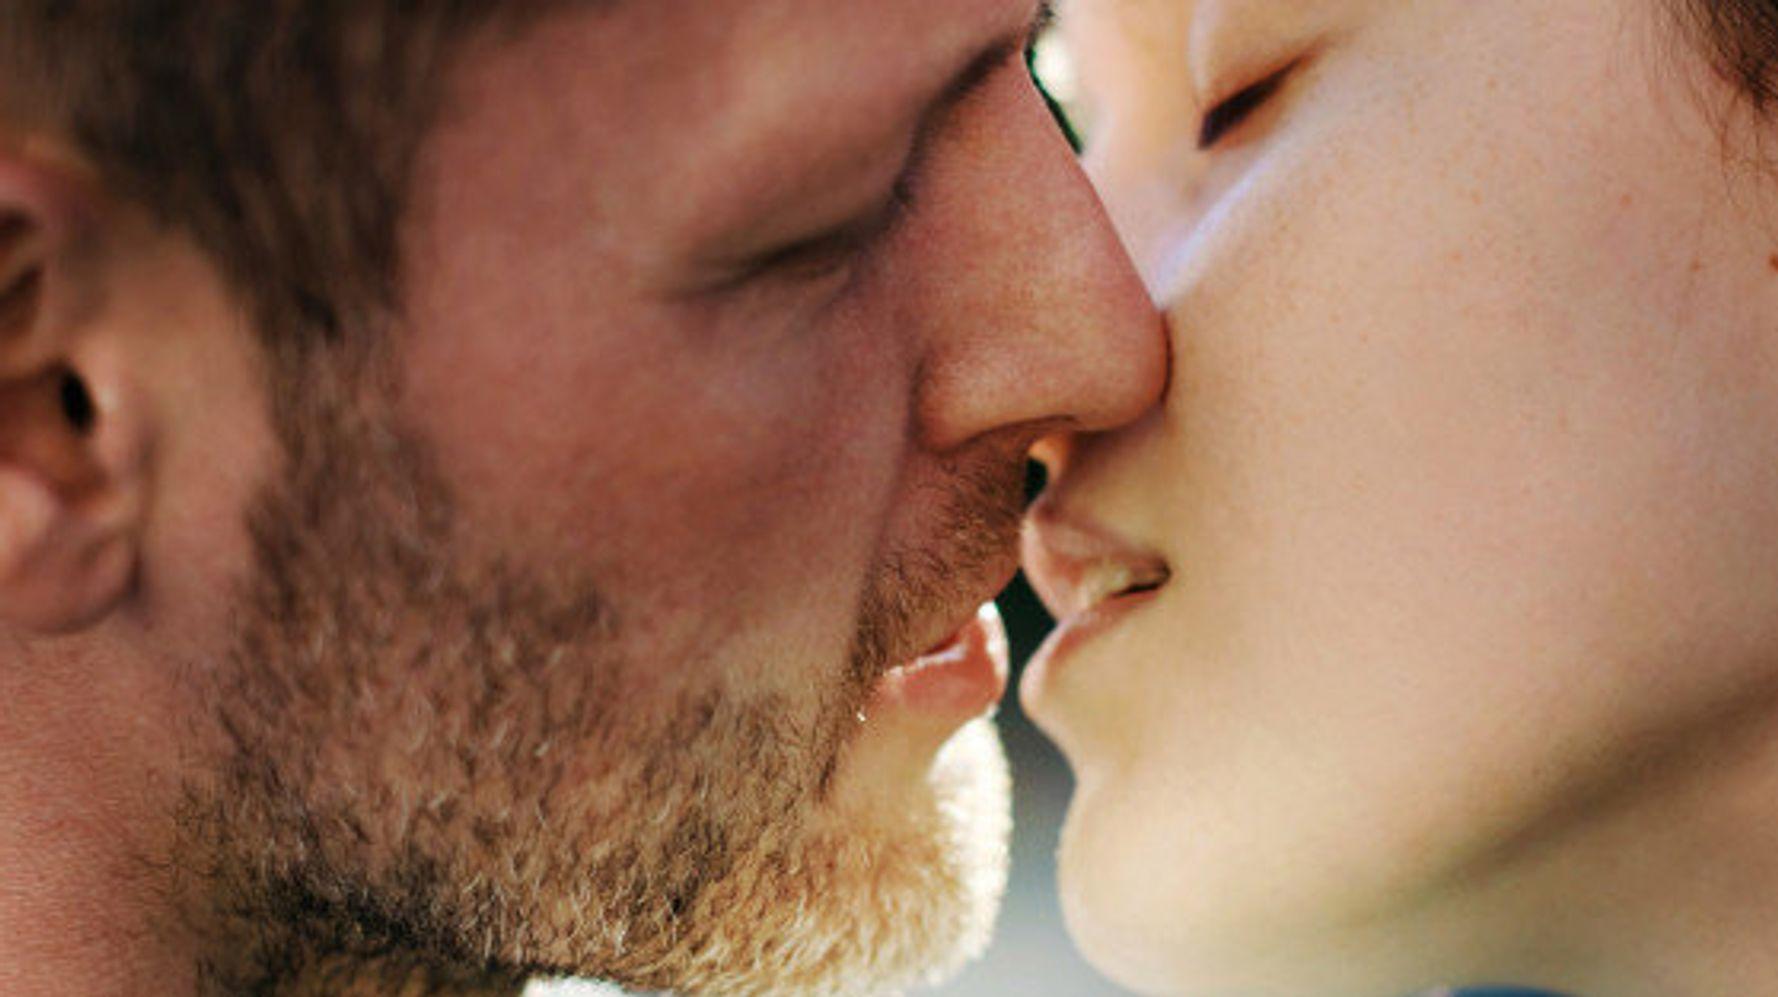 Faut-il arrêter de baiser pour être heureux? Réponses avec le podcast «Vivre sans sexualité»